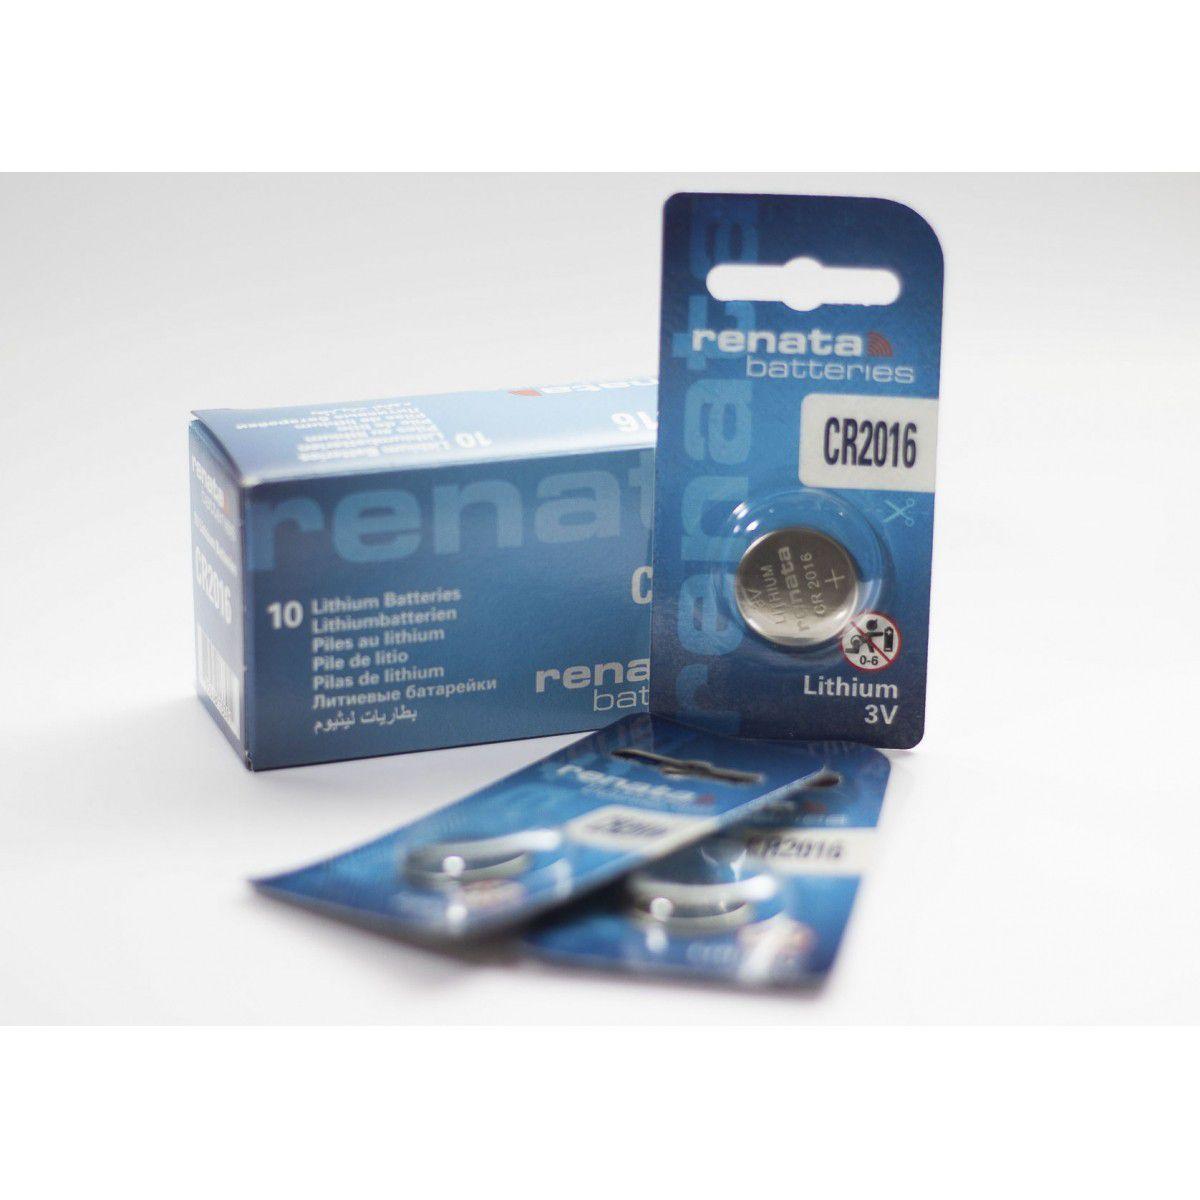 50 Baterias Pilhas Lithium Renata CR2016 - 05 caixas com 10 unidades